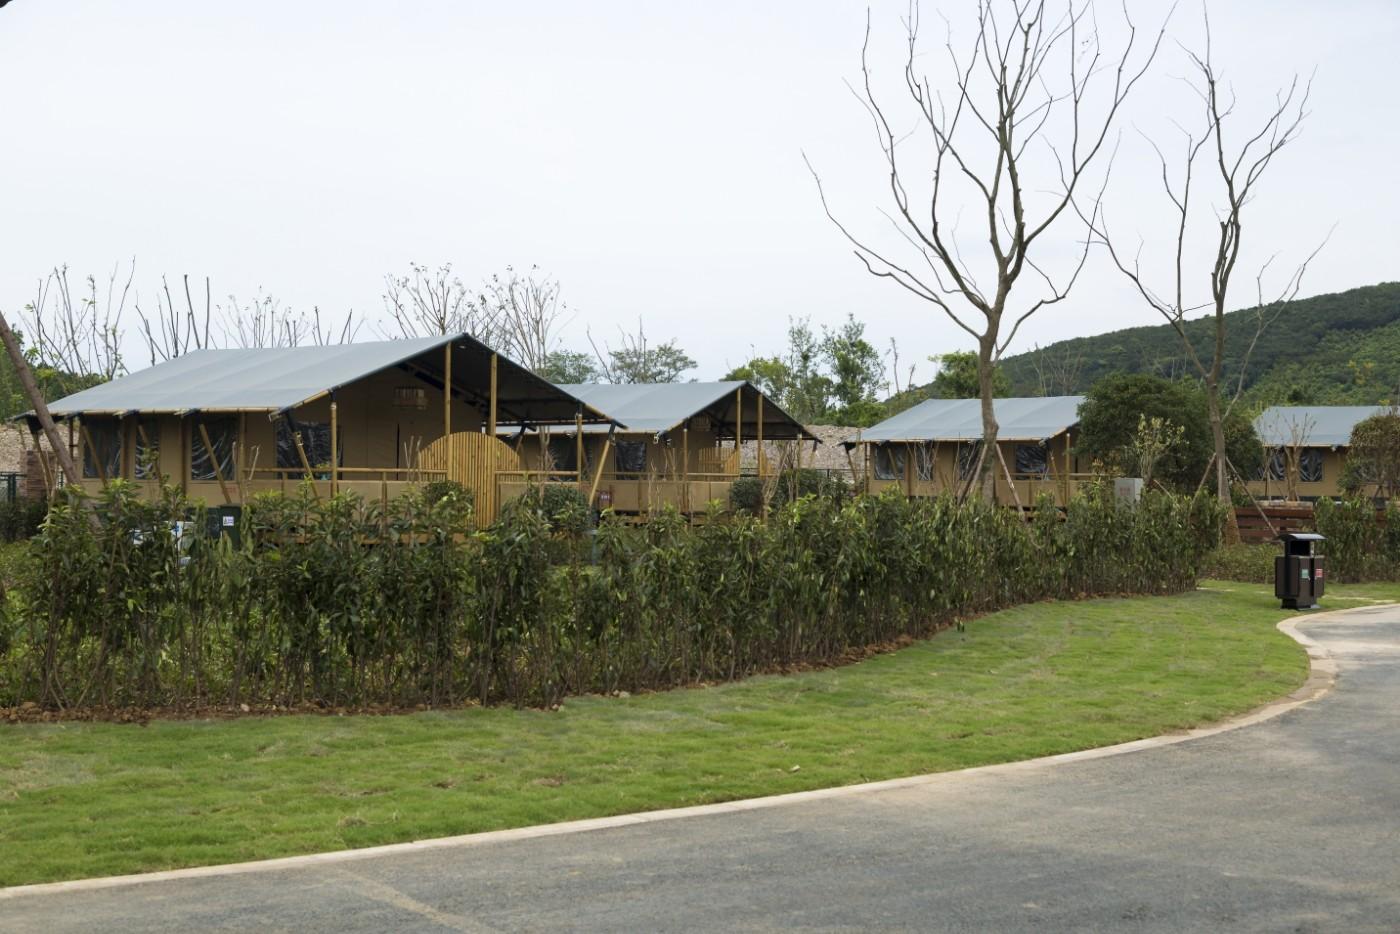 喜马拉雅野奢帐篷酒店—太湖湾露营谷3